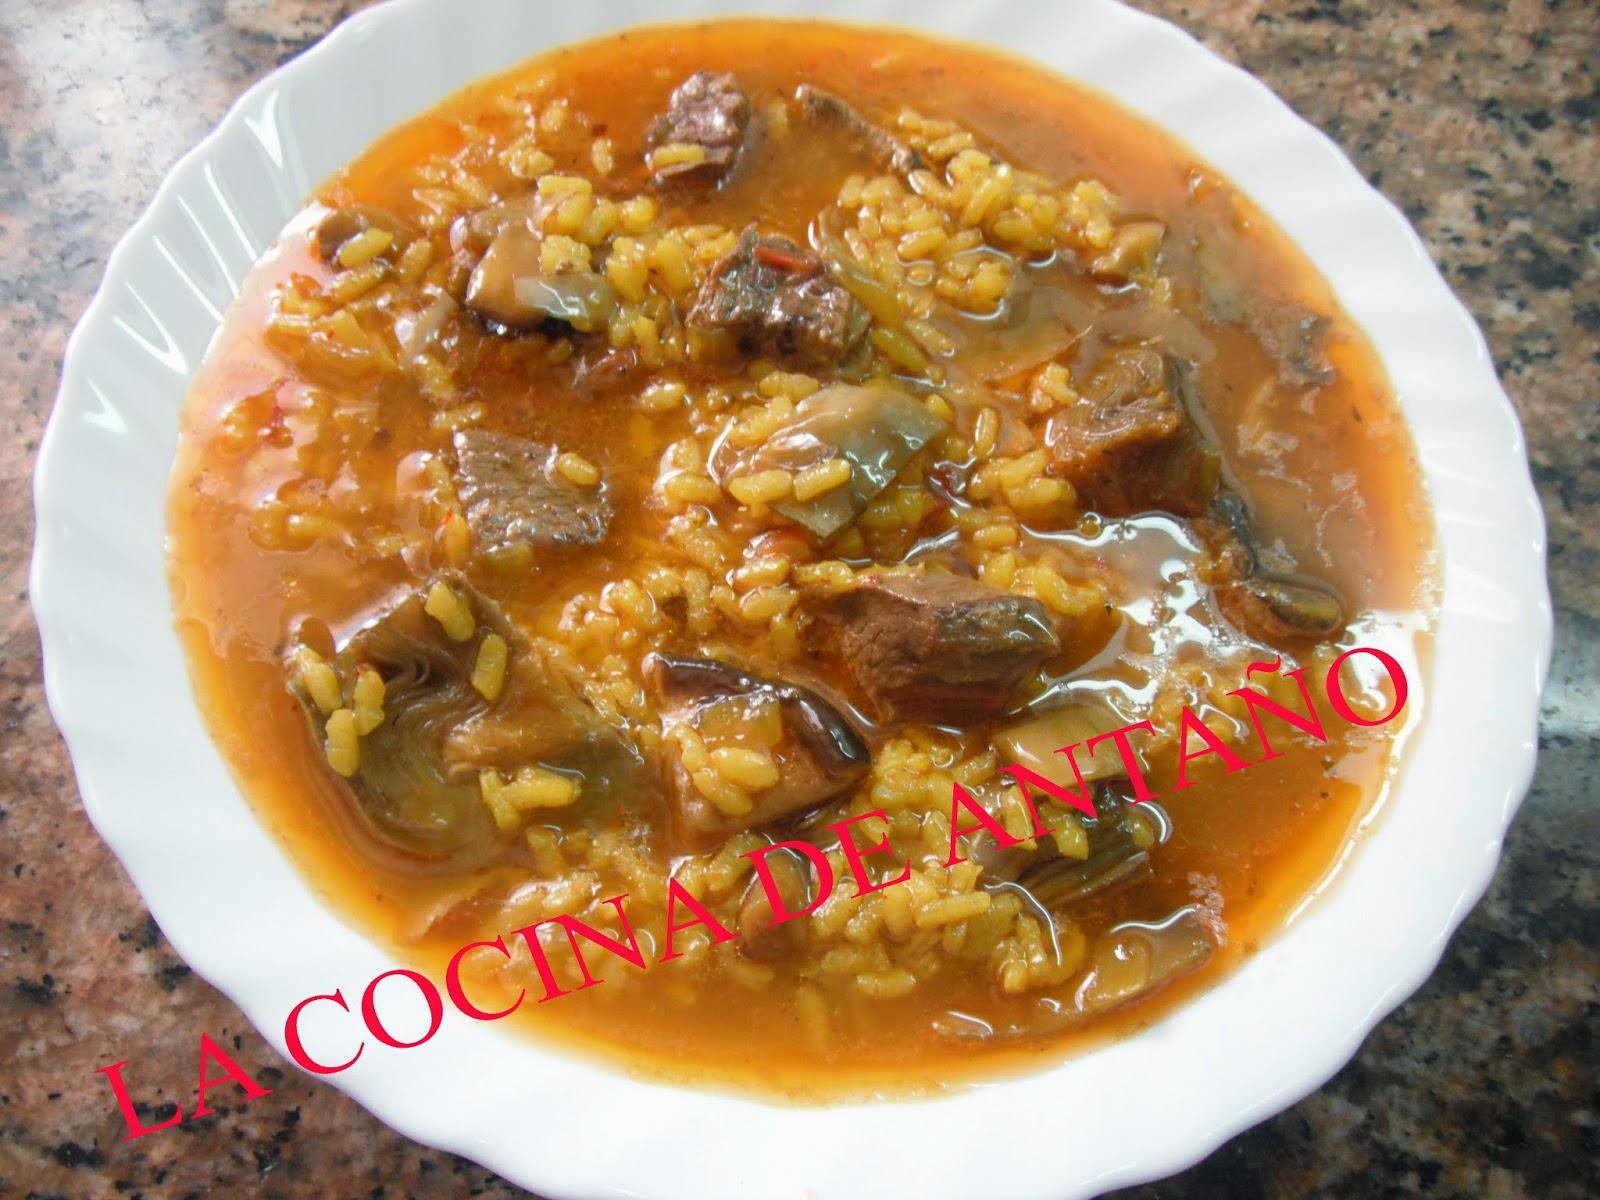 La cocina de anta o arroz caldoso con pato alcachofas y - Arroz caldoso con costillas y alcachofas ...